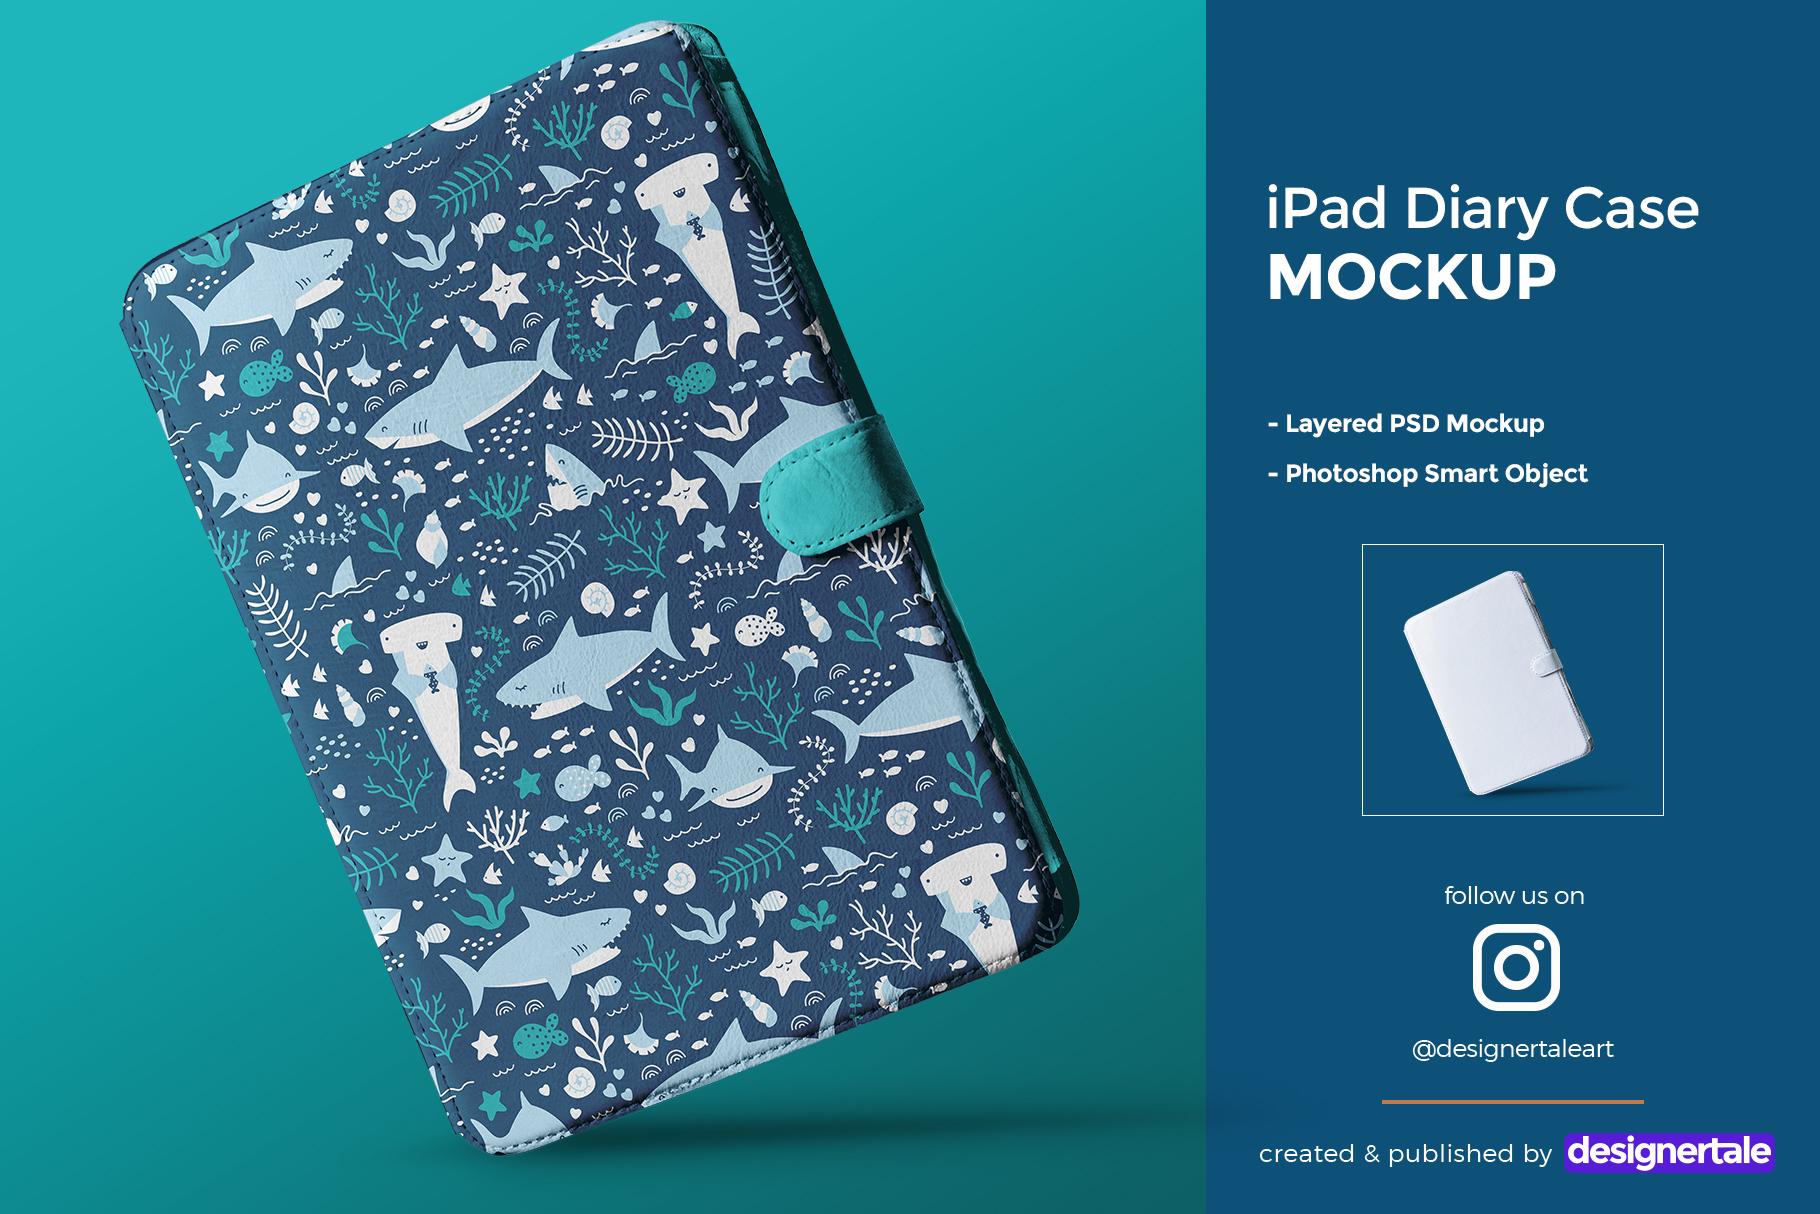 iPad diary case mockup